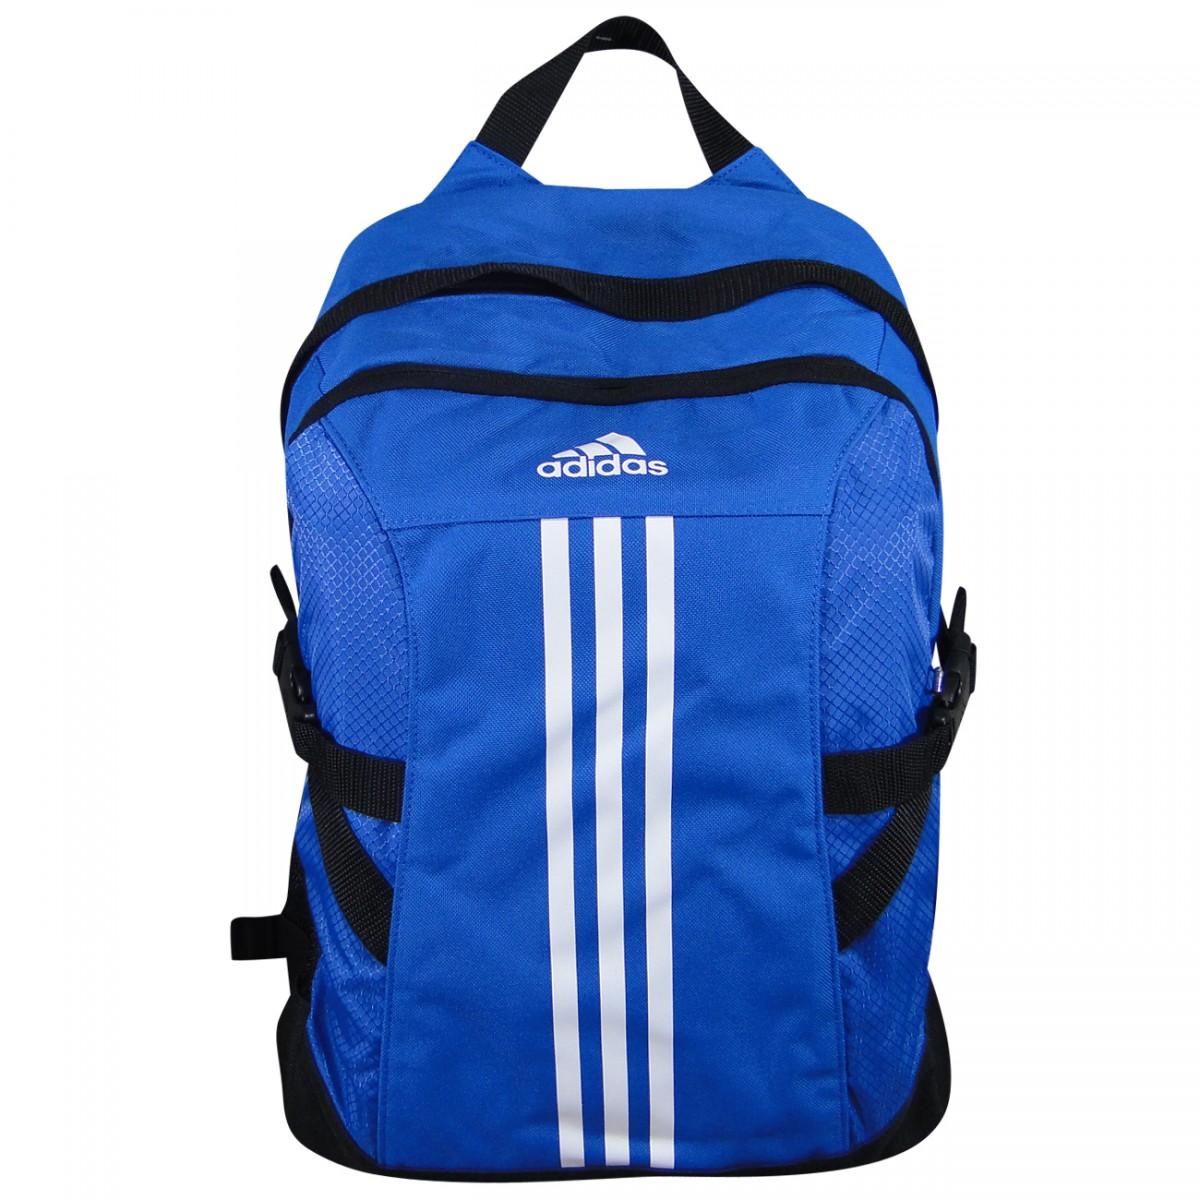 e5f12c0d8 Mochila Adidas Bp Power II AB1719 - Royal/Preto - Chuteira Nike, Adidas.  Sandalias Femininas. Sandy Calçados